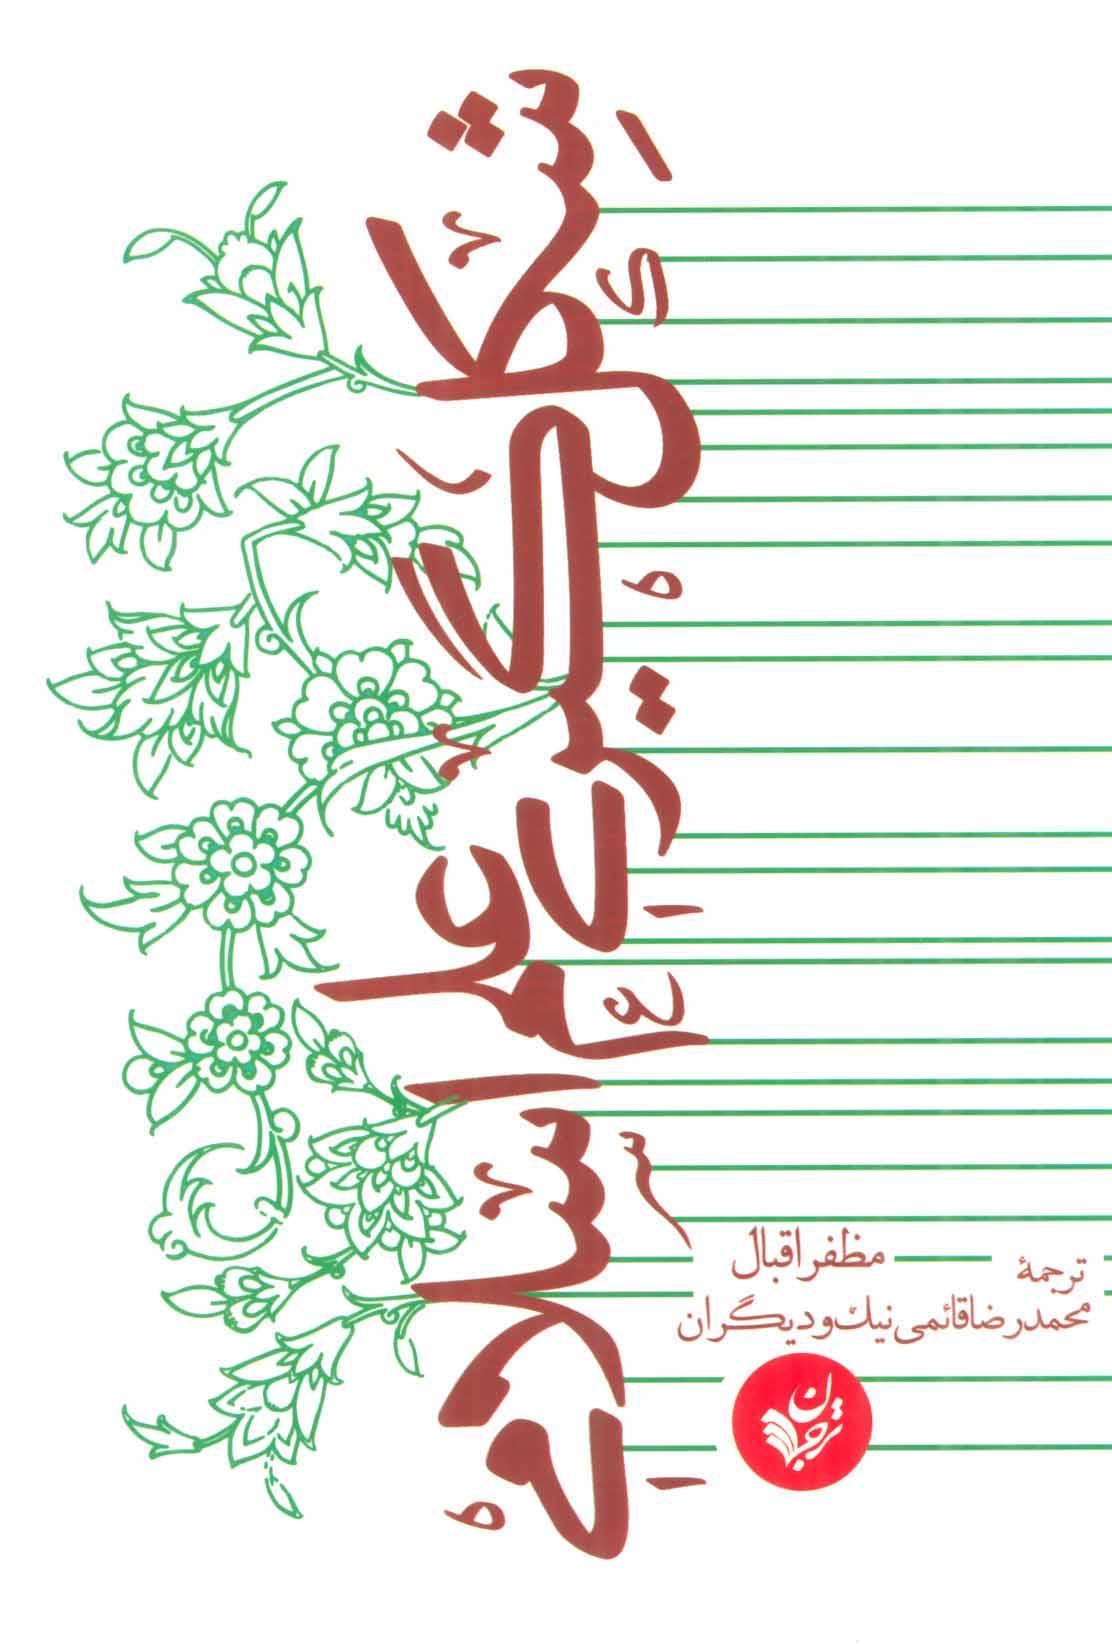 شکل گیری علم اسلامی